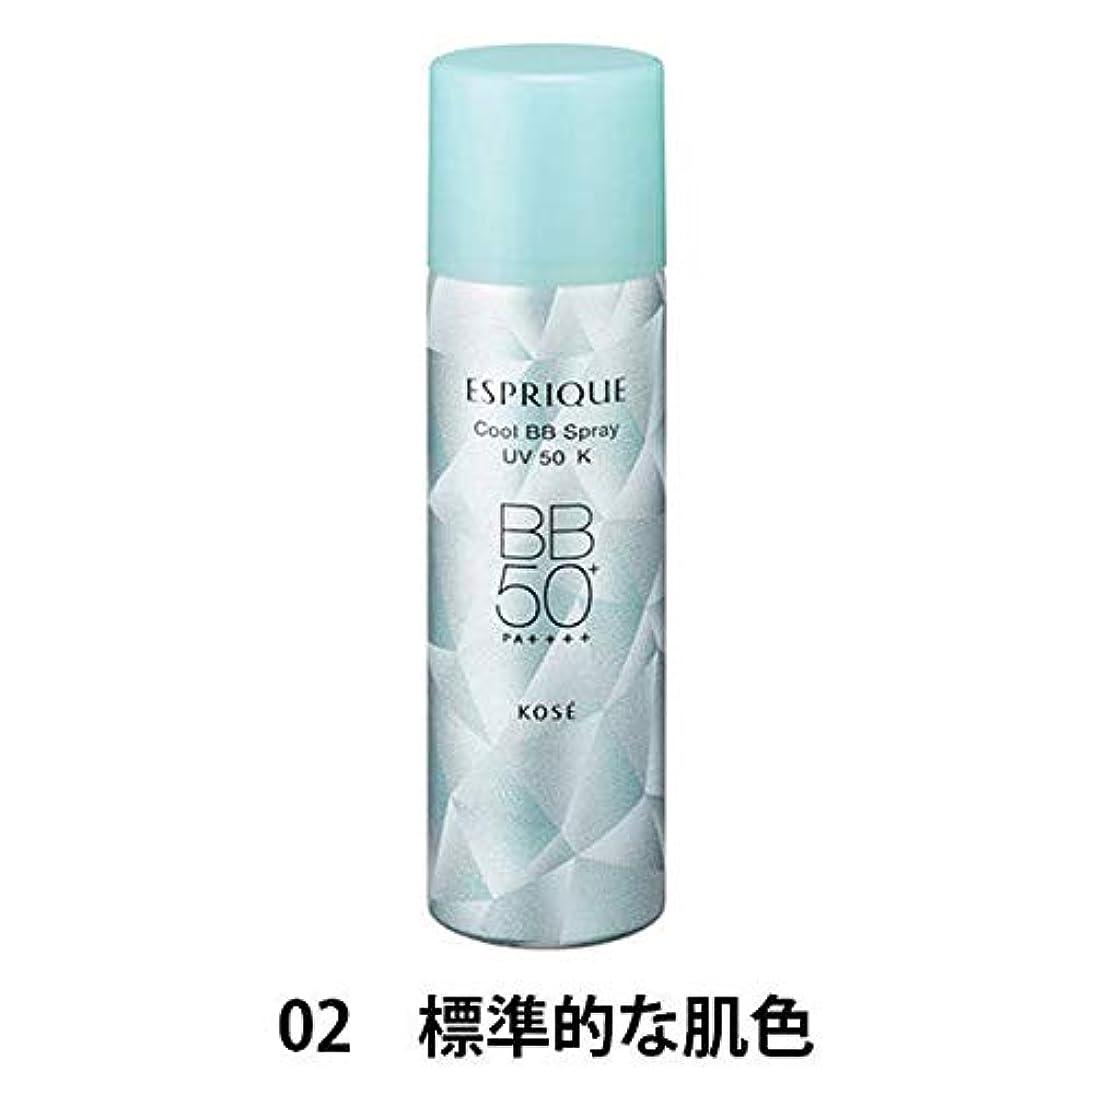 言い換えると側インスタンス【限定品】KOSE コーセー エスプリーク ひんやりタッチ BBスプレー UV 50 K #02 60g 標準的な肌色